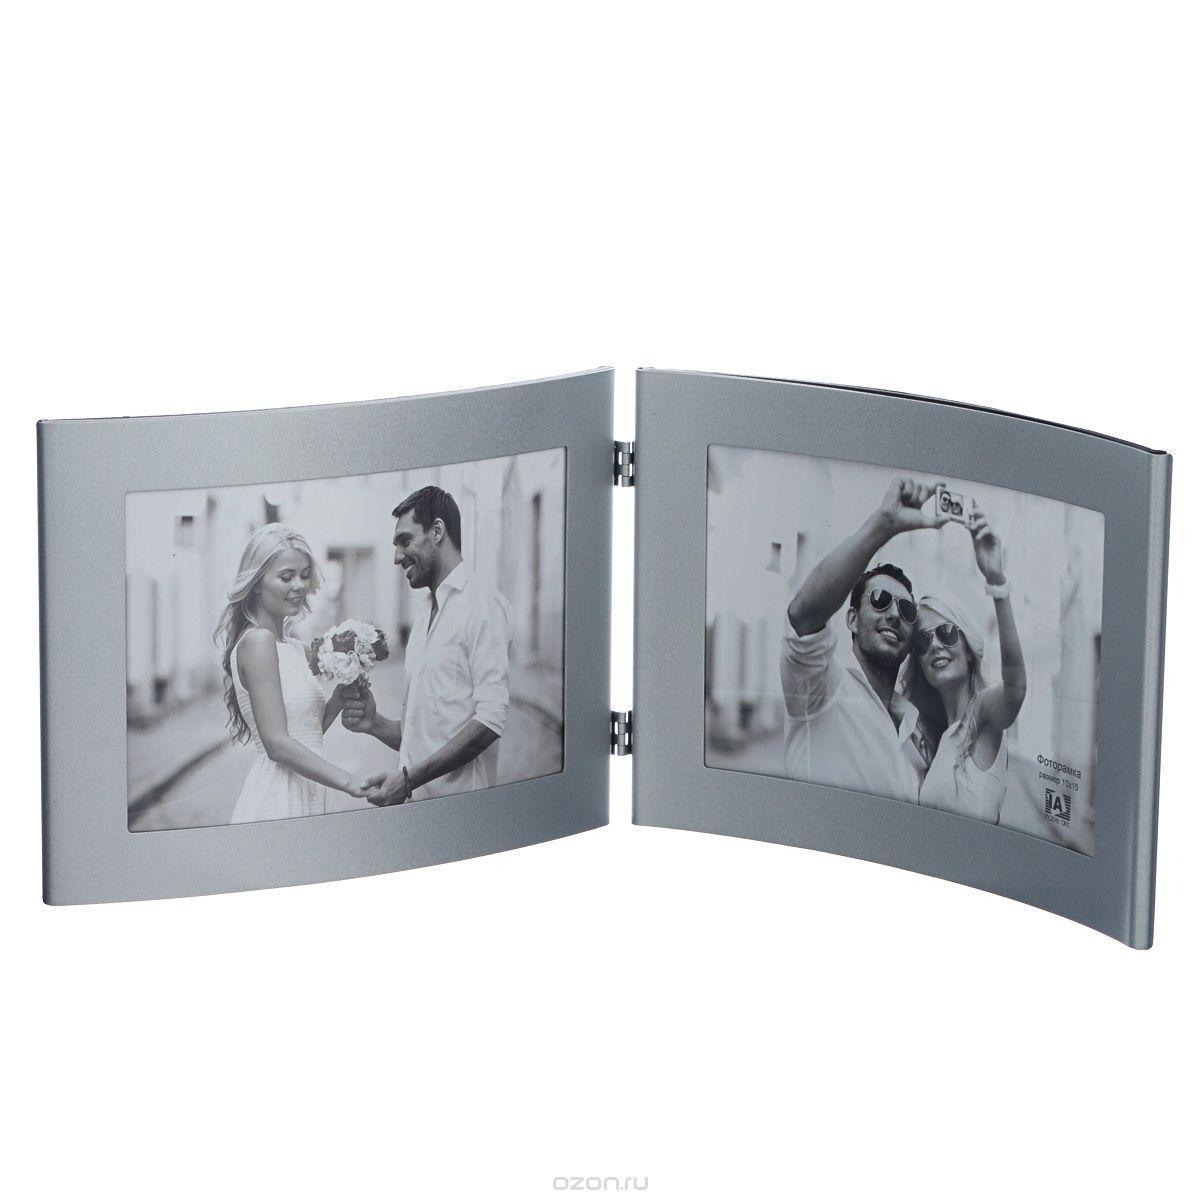 ФоторамкаImage Art 6015/2-4S ( серебро)5055398693070Фоторамка Image Art - прекрасный способ красиво оформить ваши фотографии. Изделие рассчитано на 2 фотографии. Фоторамка выполнена из металла и защищена стеклом. Фоторамку можно поставить на стол или подвесить на стену, для чего с задней стороны предусмотрены специальные отверстия. Такая фоторамка поможет сохранить на память самые яркие моменты вашей жизни, а стильный дизайн сделает ее прекрасным дополнением интерьера.